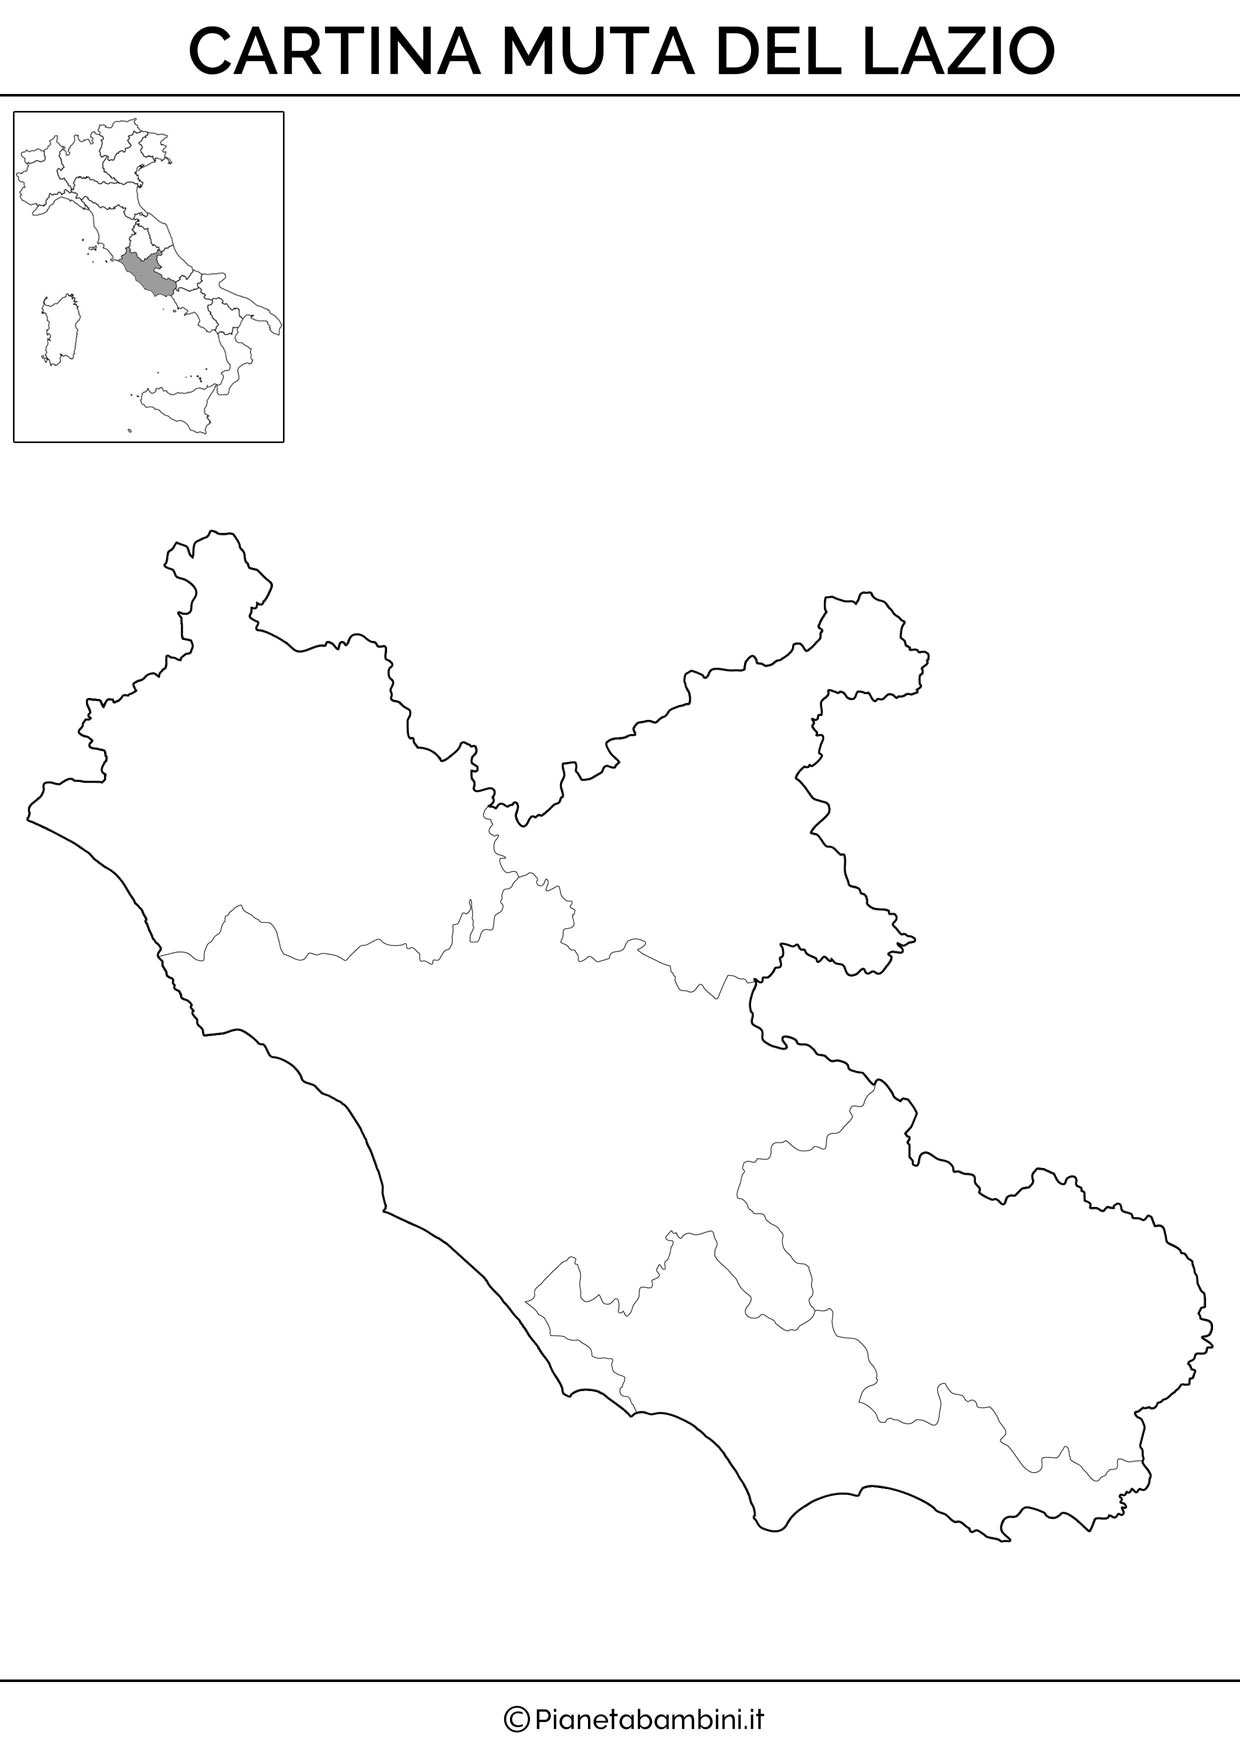 Cartina muta del Lazio da stampare gratis